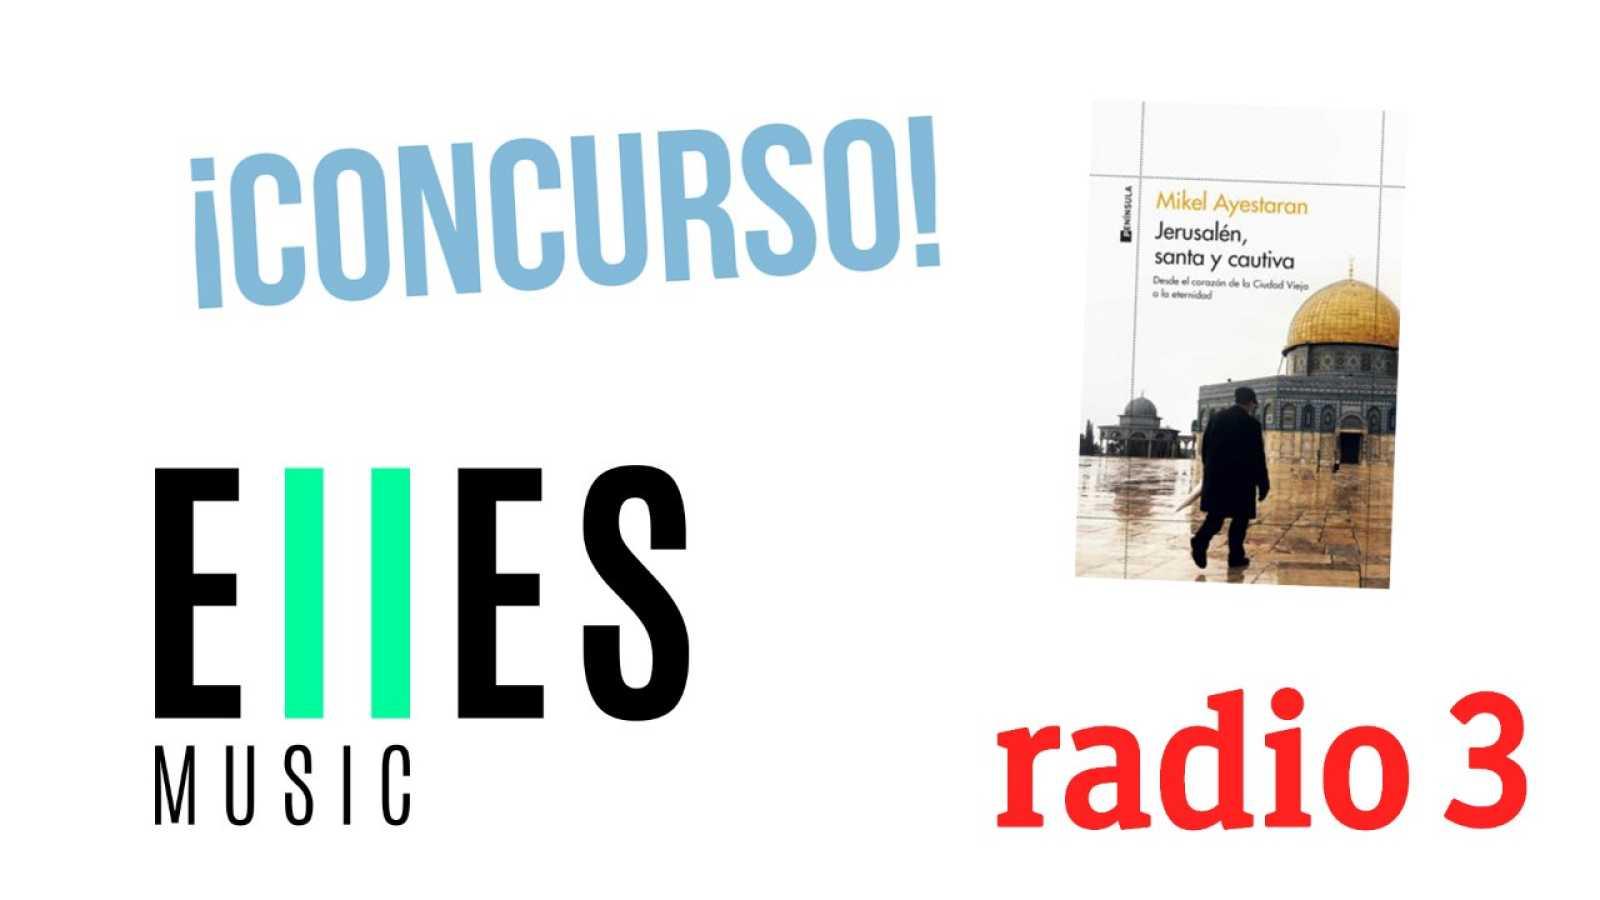 Hoy empieza todo con Ángel Carmona - El Concurso de las Series, Jerusalén, Santa y Cautiva y ELLESMusic - 08/04/21 - escuchar ahora